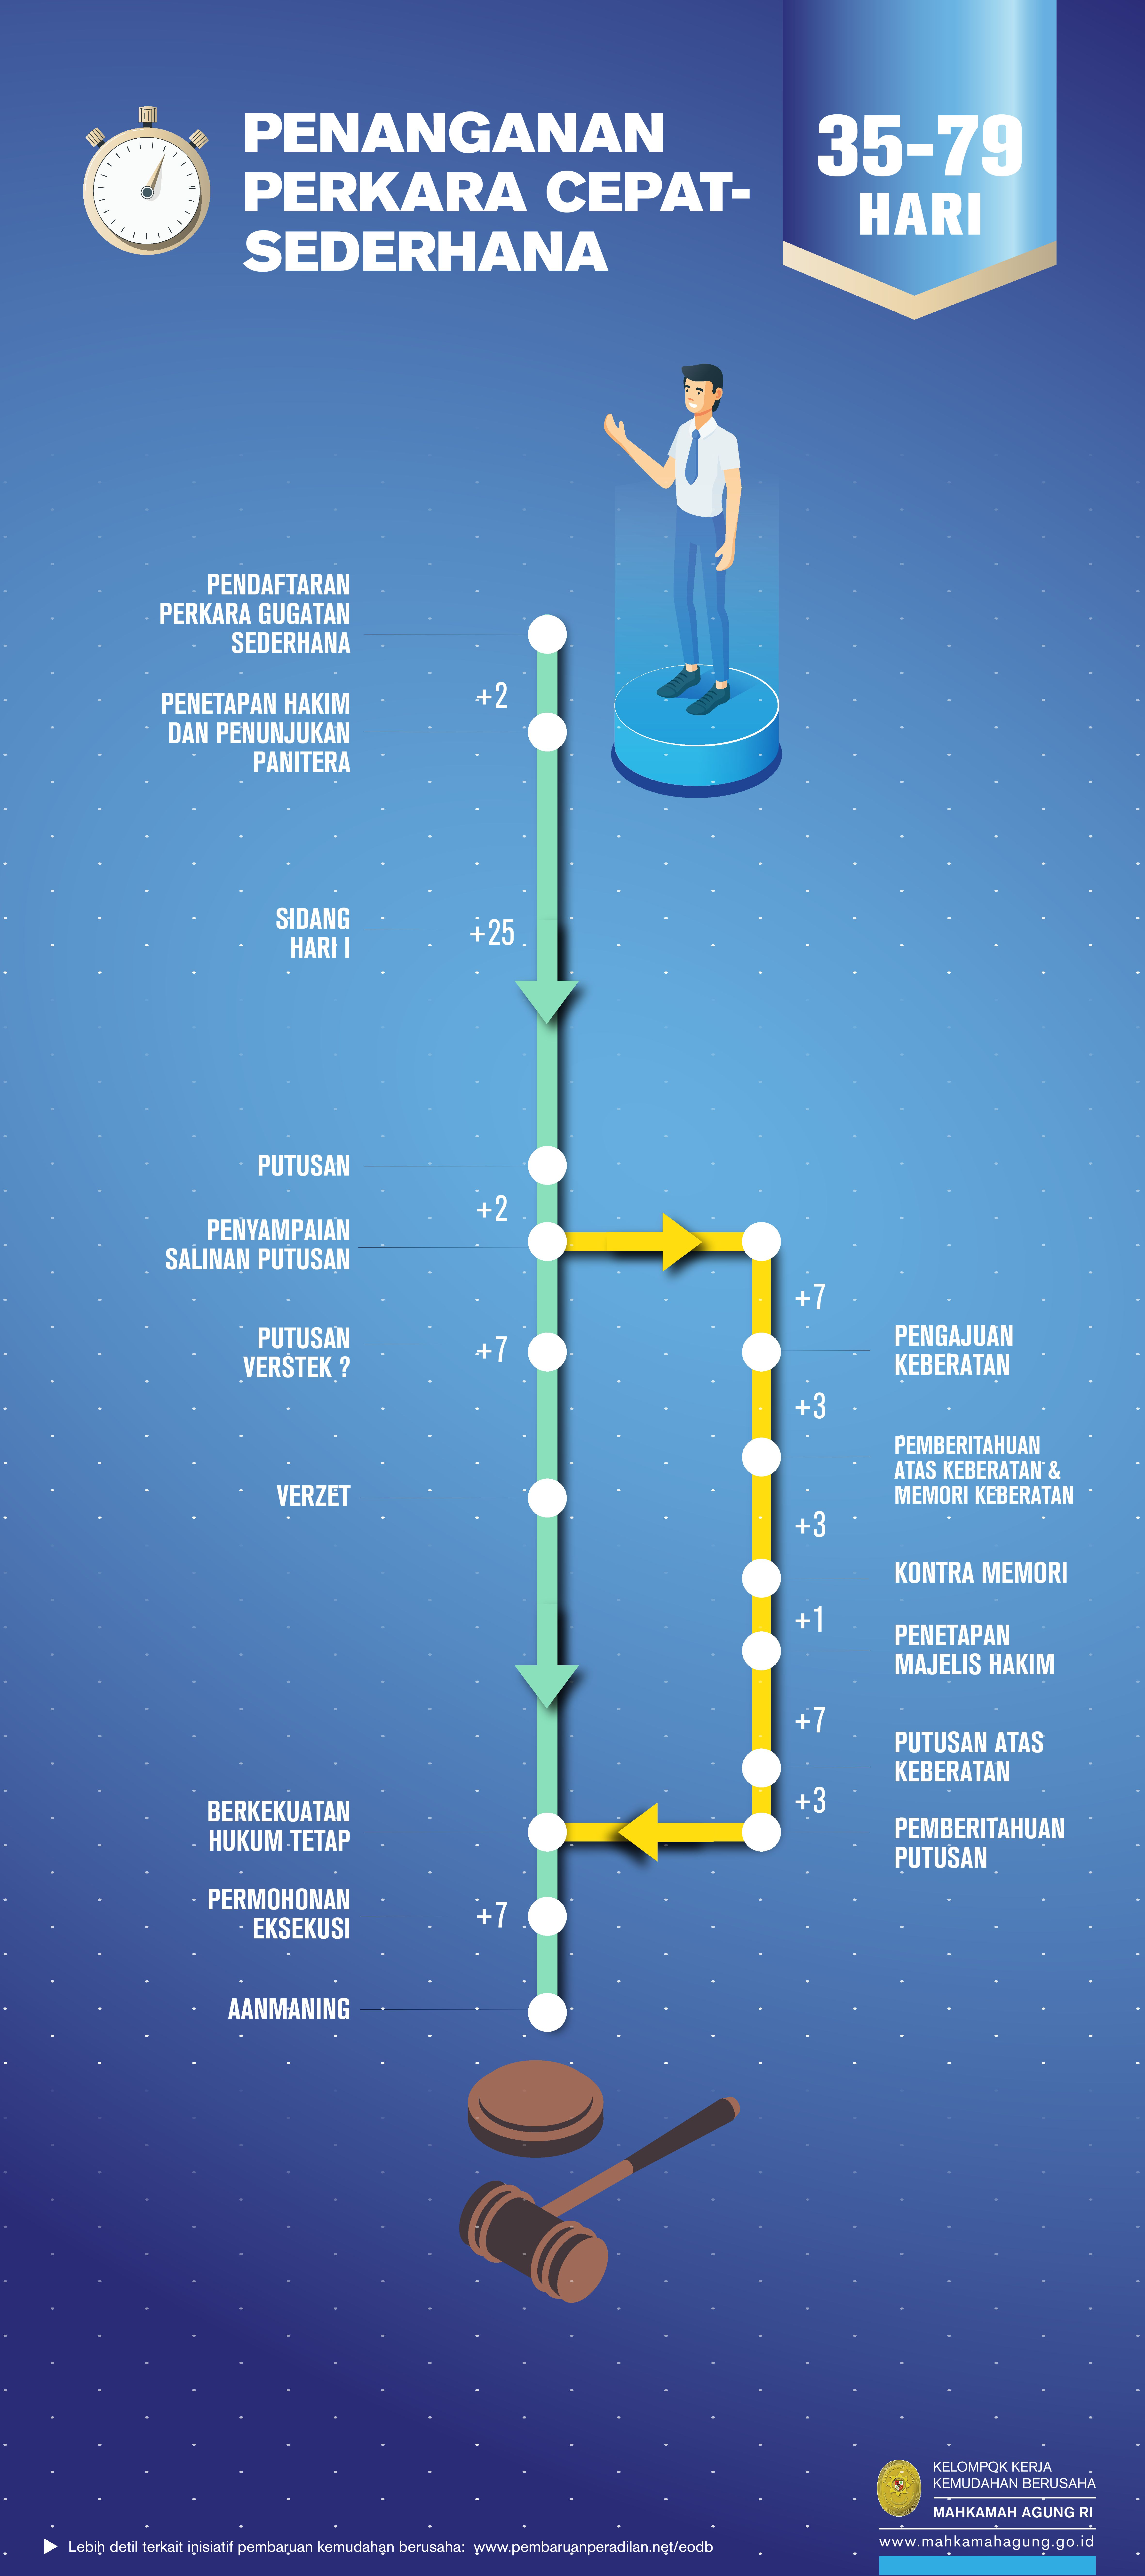 Infographic-Pembaruan_Peradilan-MA-Compiled_2020_13